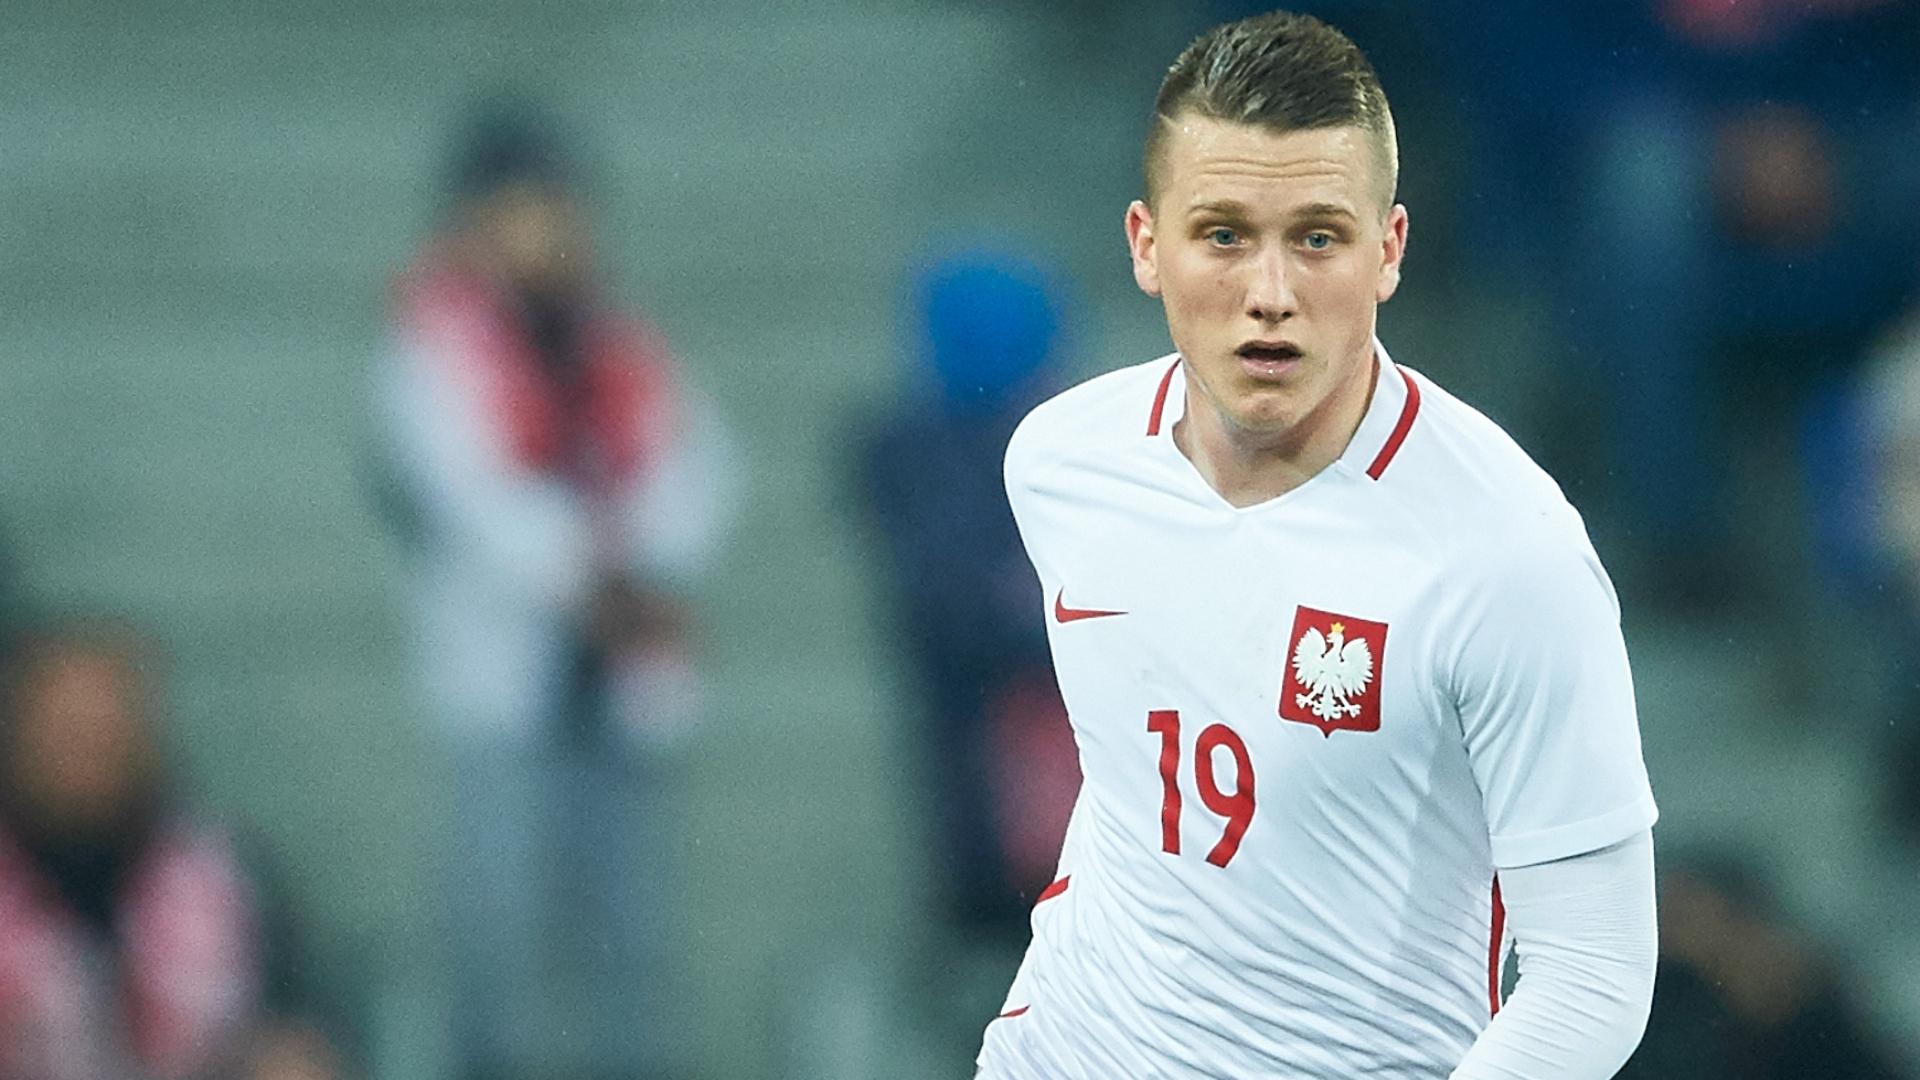 Piotr Zielinski Poland